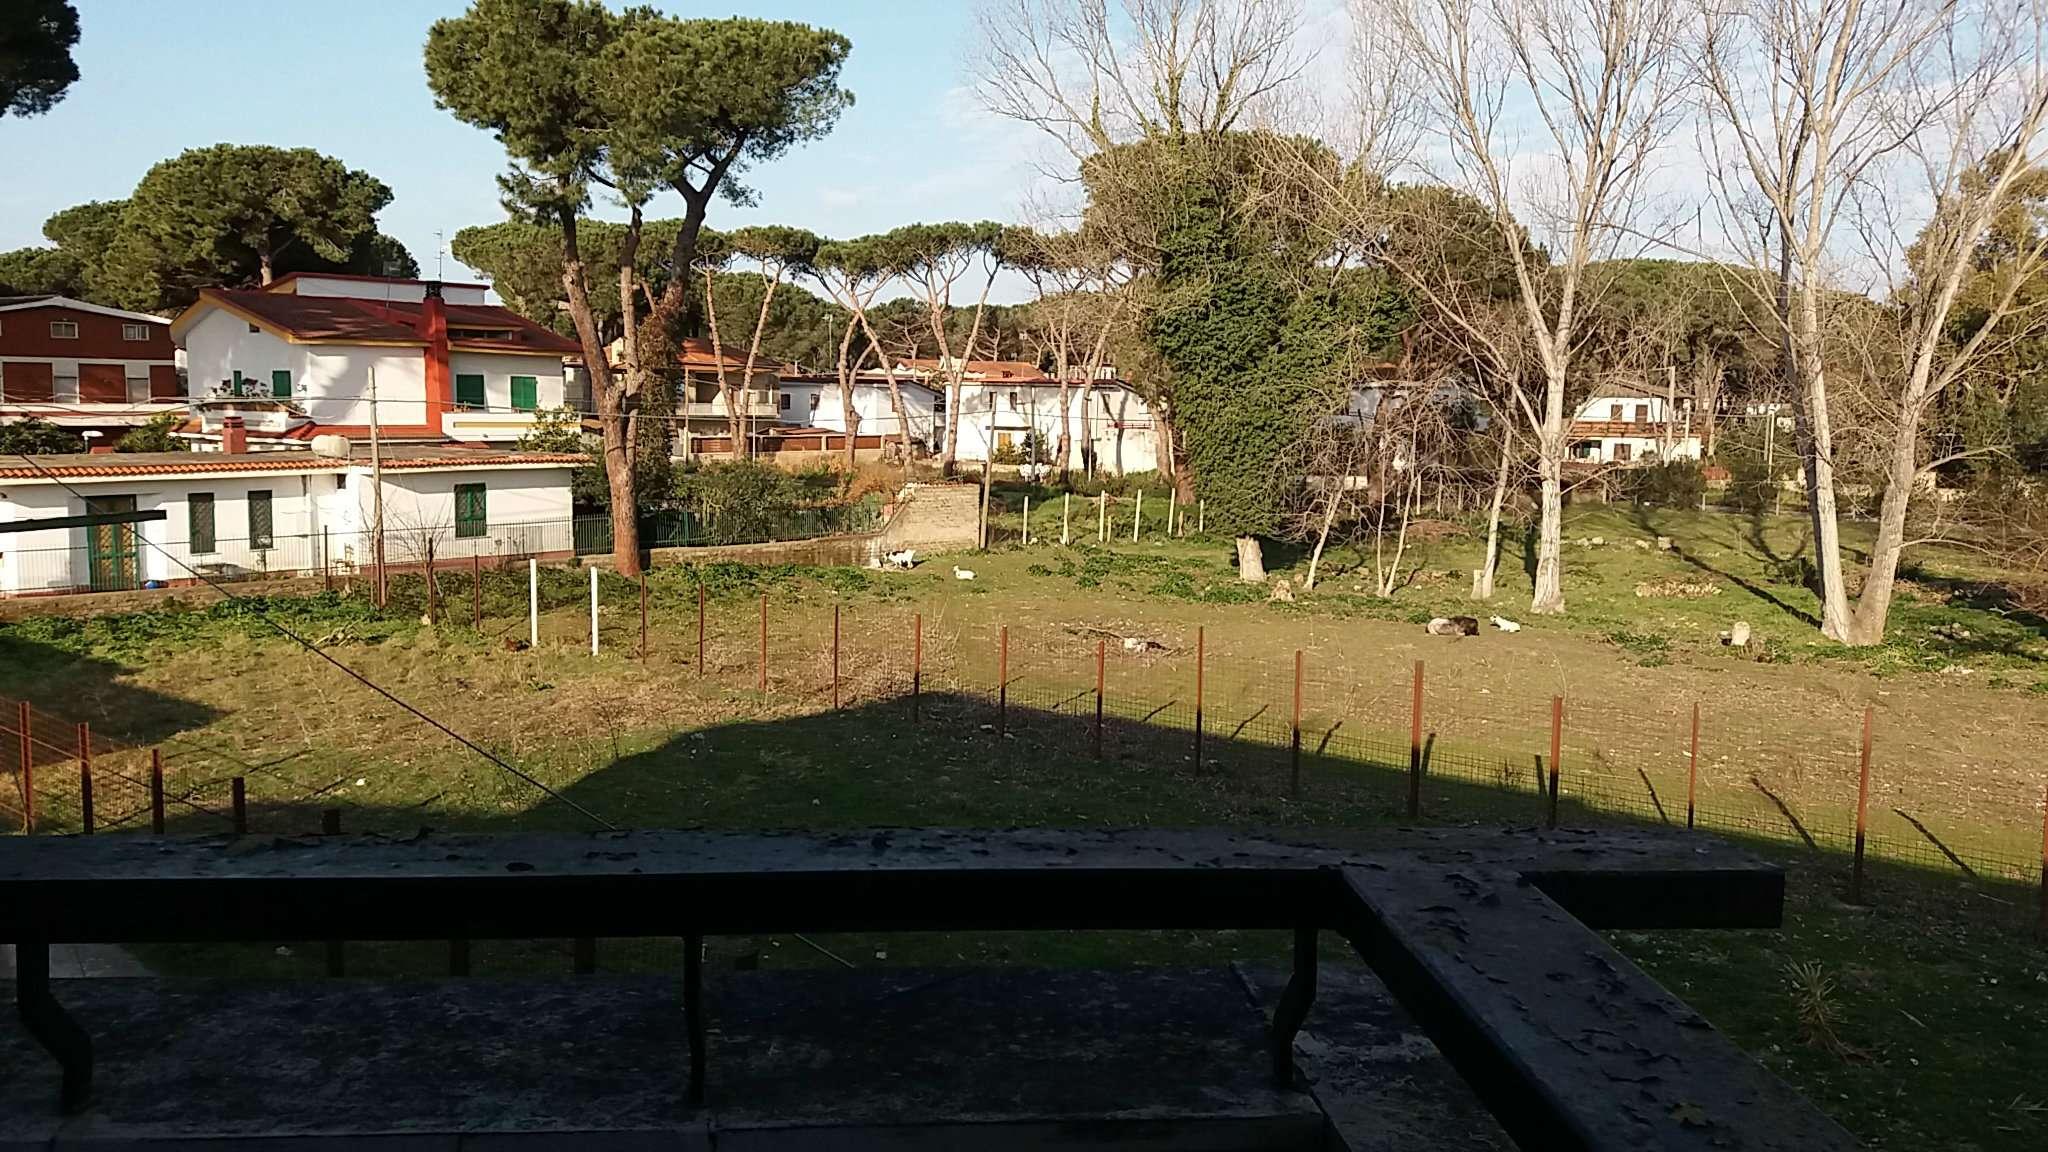 Appartamento in vendita a Castel Volturno, 3 locali, prezzo € 27.000 | Cambio Casa.it